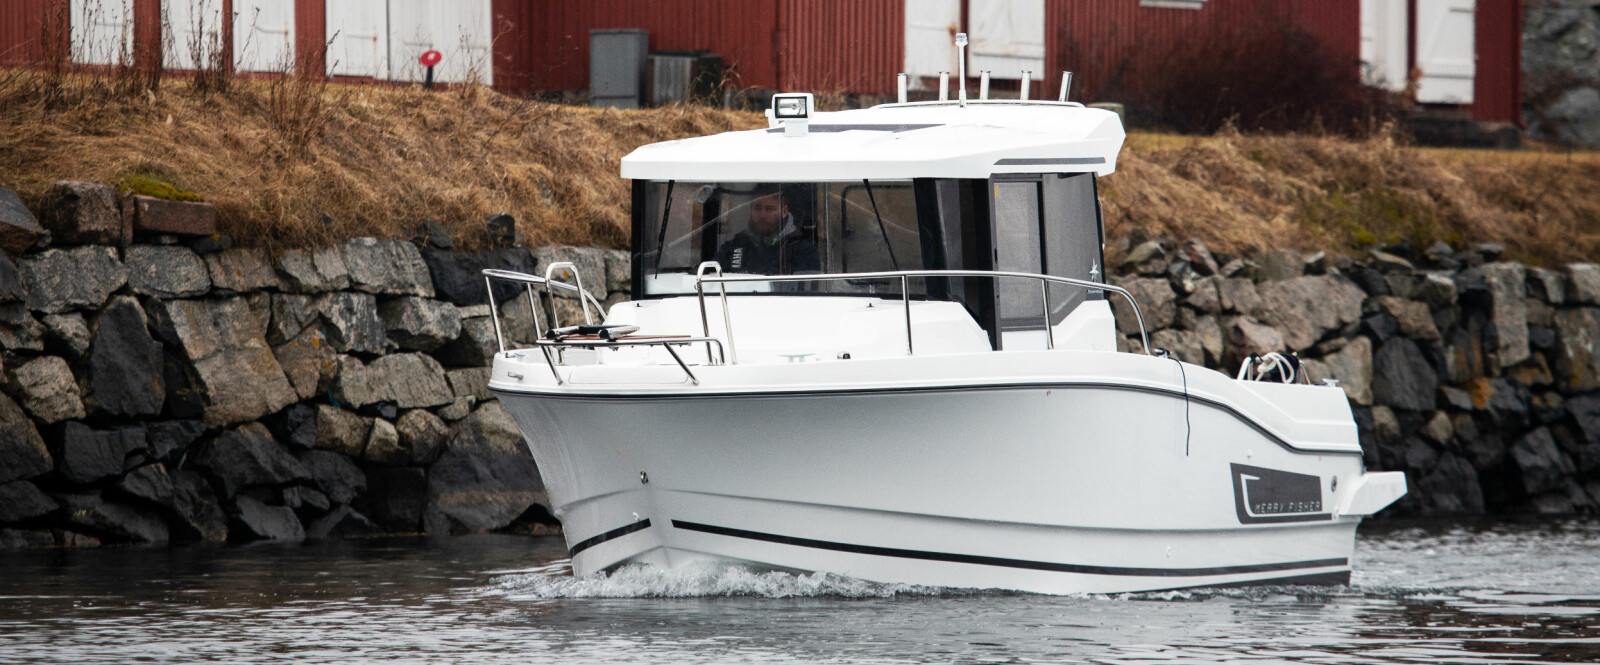 HELÅRS: Selv om det regner og er surt skal det bare en varmer på plass i styrehyttebåten for å få det komfortabelt.